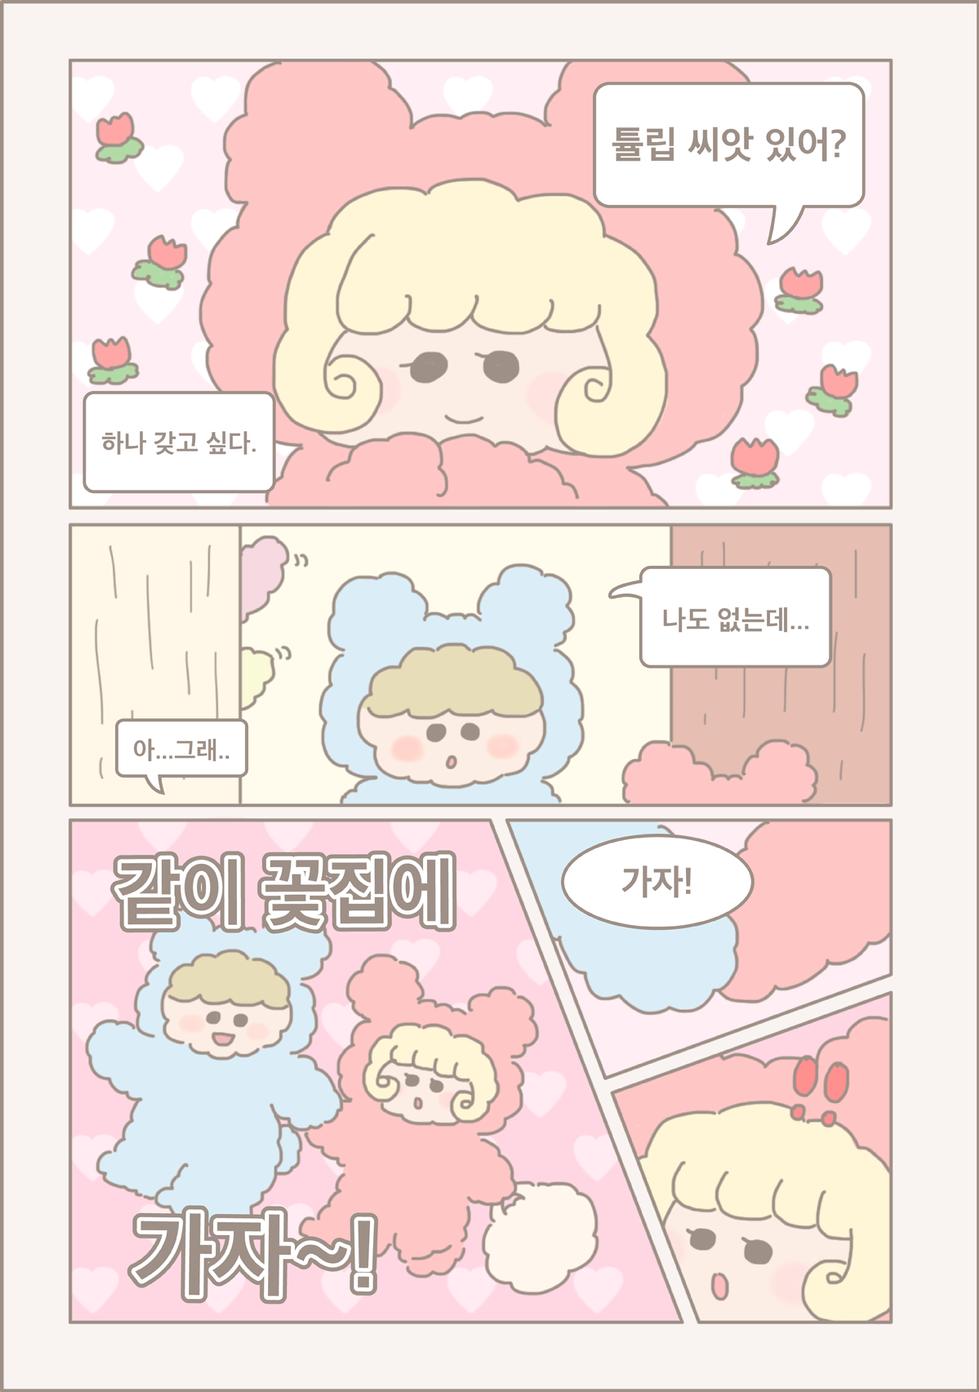 cam2-3_korean.png